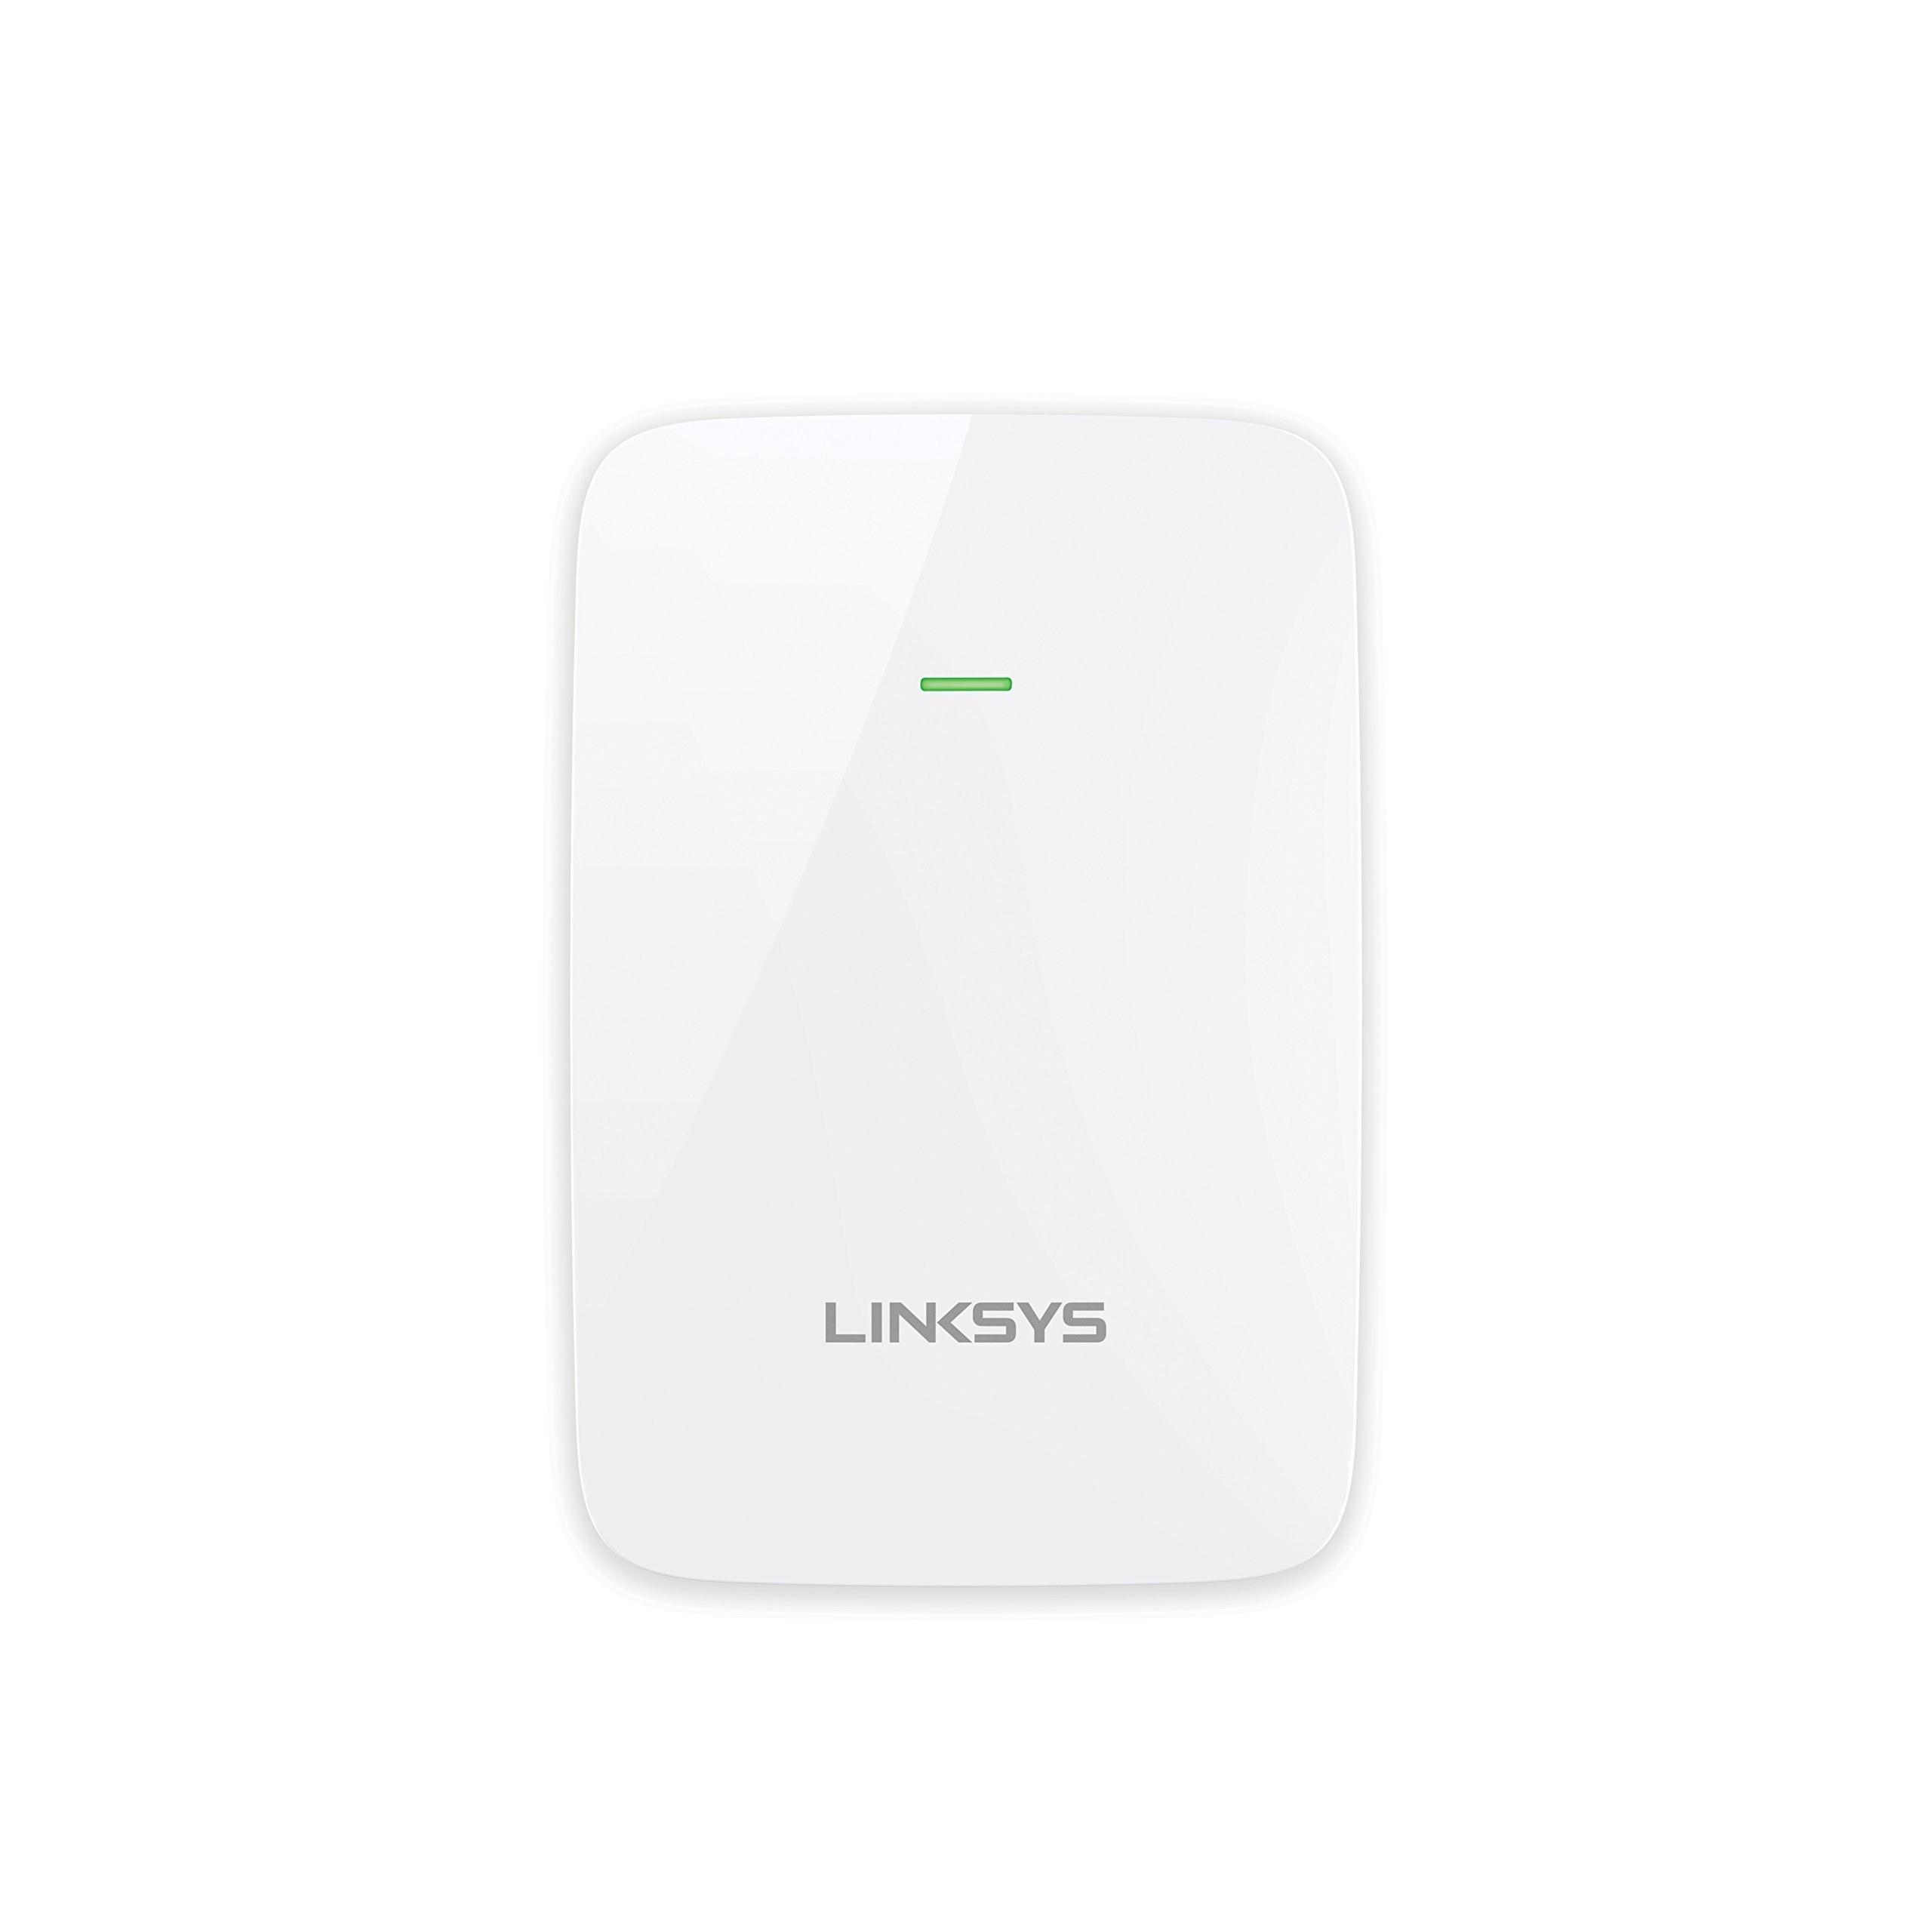 عکس Linksys AC1200 Dual-Band Wi-Fi Range Extender / Wi-Fi Booster (RE6350)  linksys-ac1200-dual-band-wi-fi-range-extender-wi-fi-booster-re6350